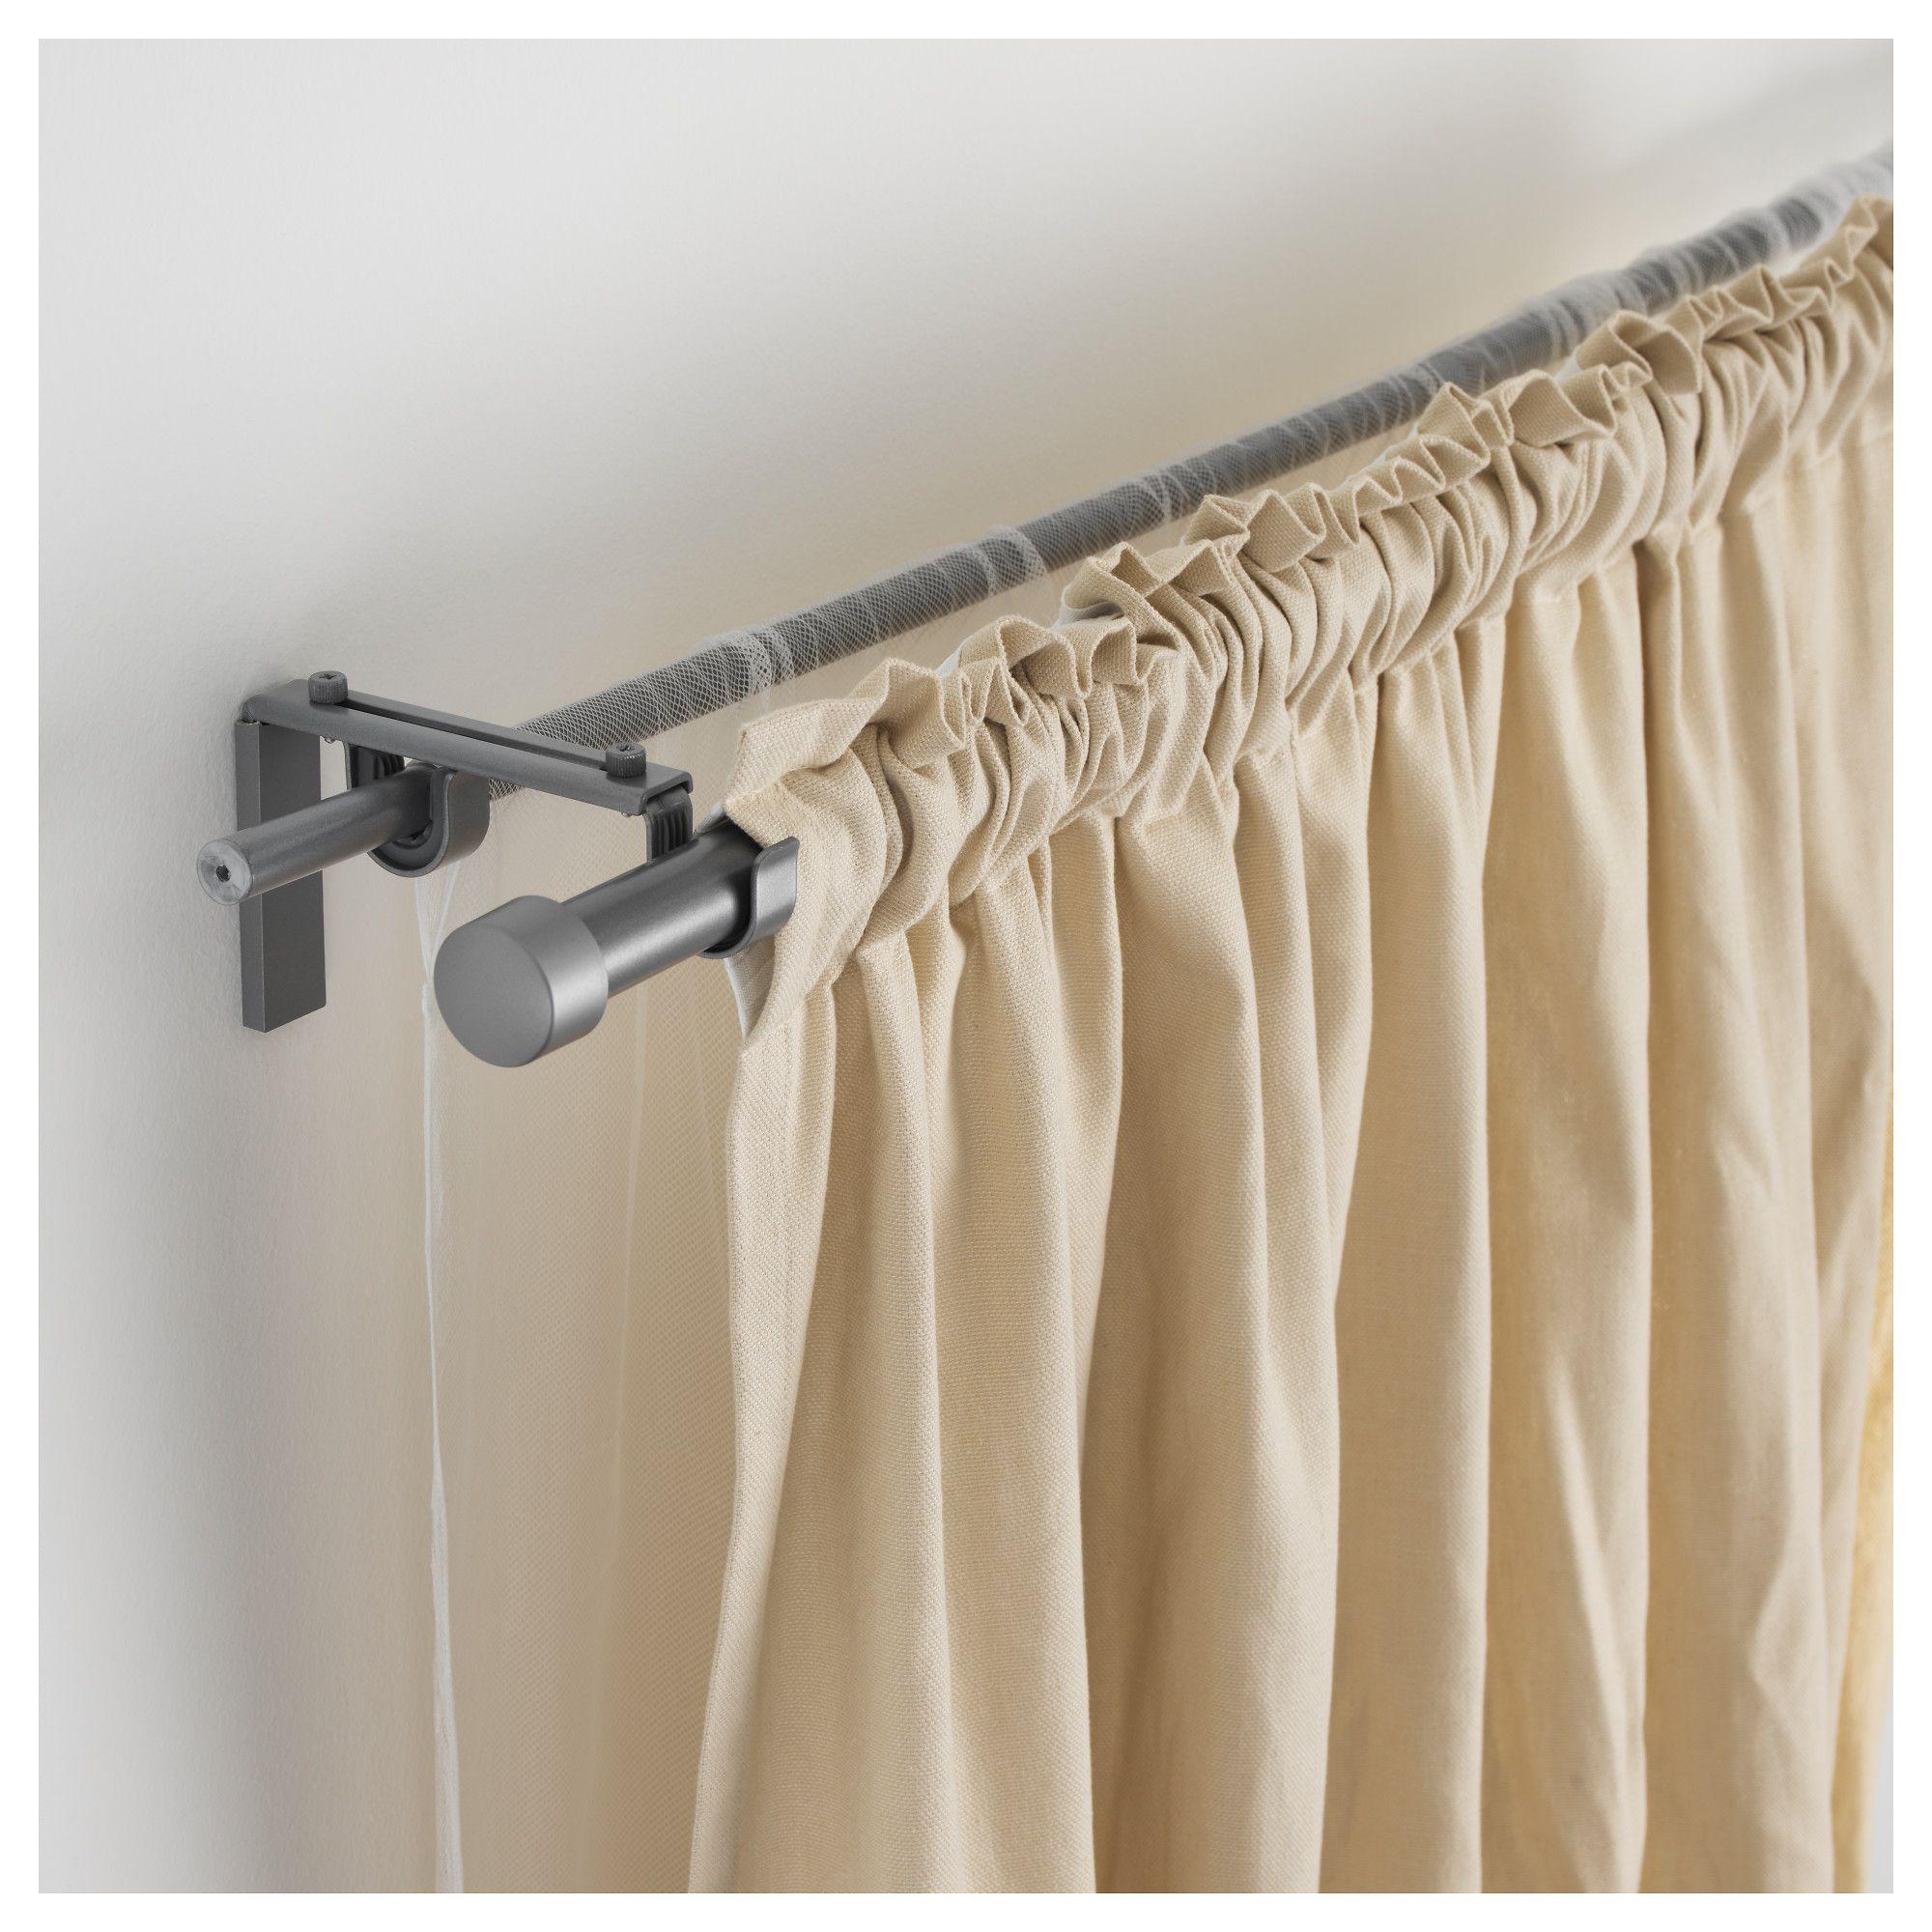 IKEA - HUGAD Curtain Rod Silver Color